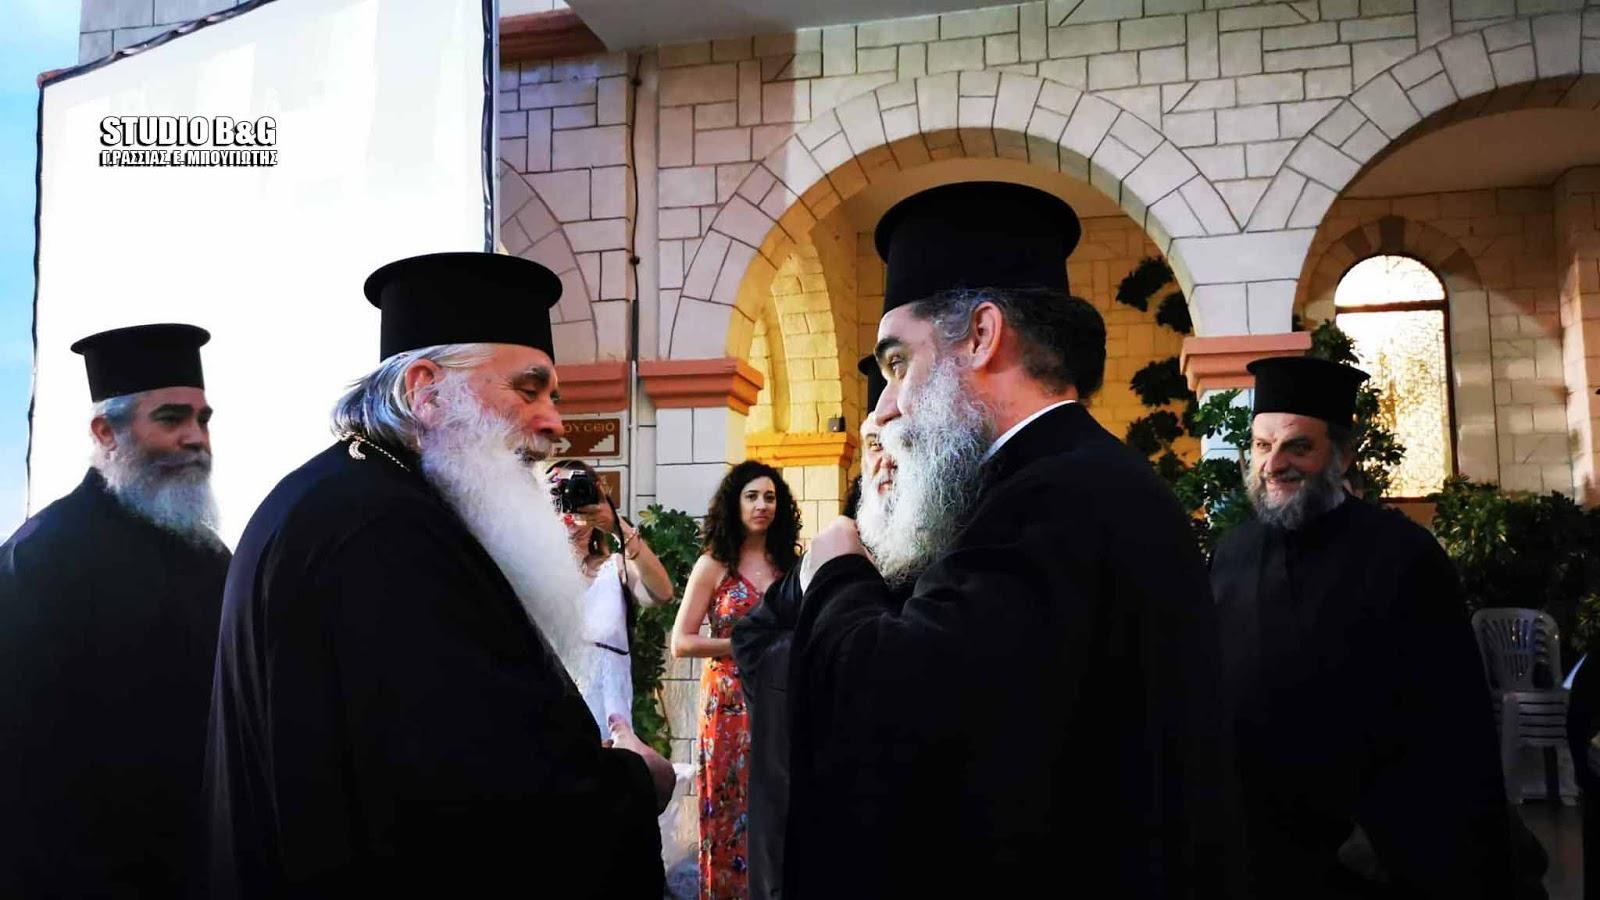 """""""Εκκλησία και πολιτισμός"""", ομιλία στον Ιερό Ναό Ευαγγελιστρίας Ναυπλίου από τον Μητροπολίτη Άρτης κ. Καλλίνικο"""